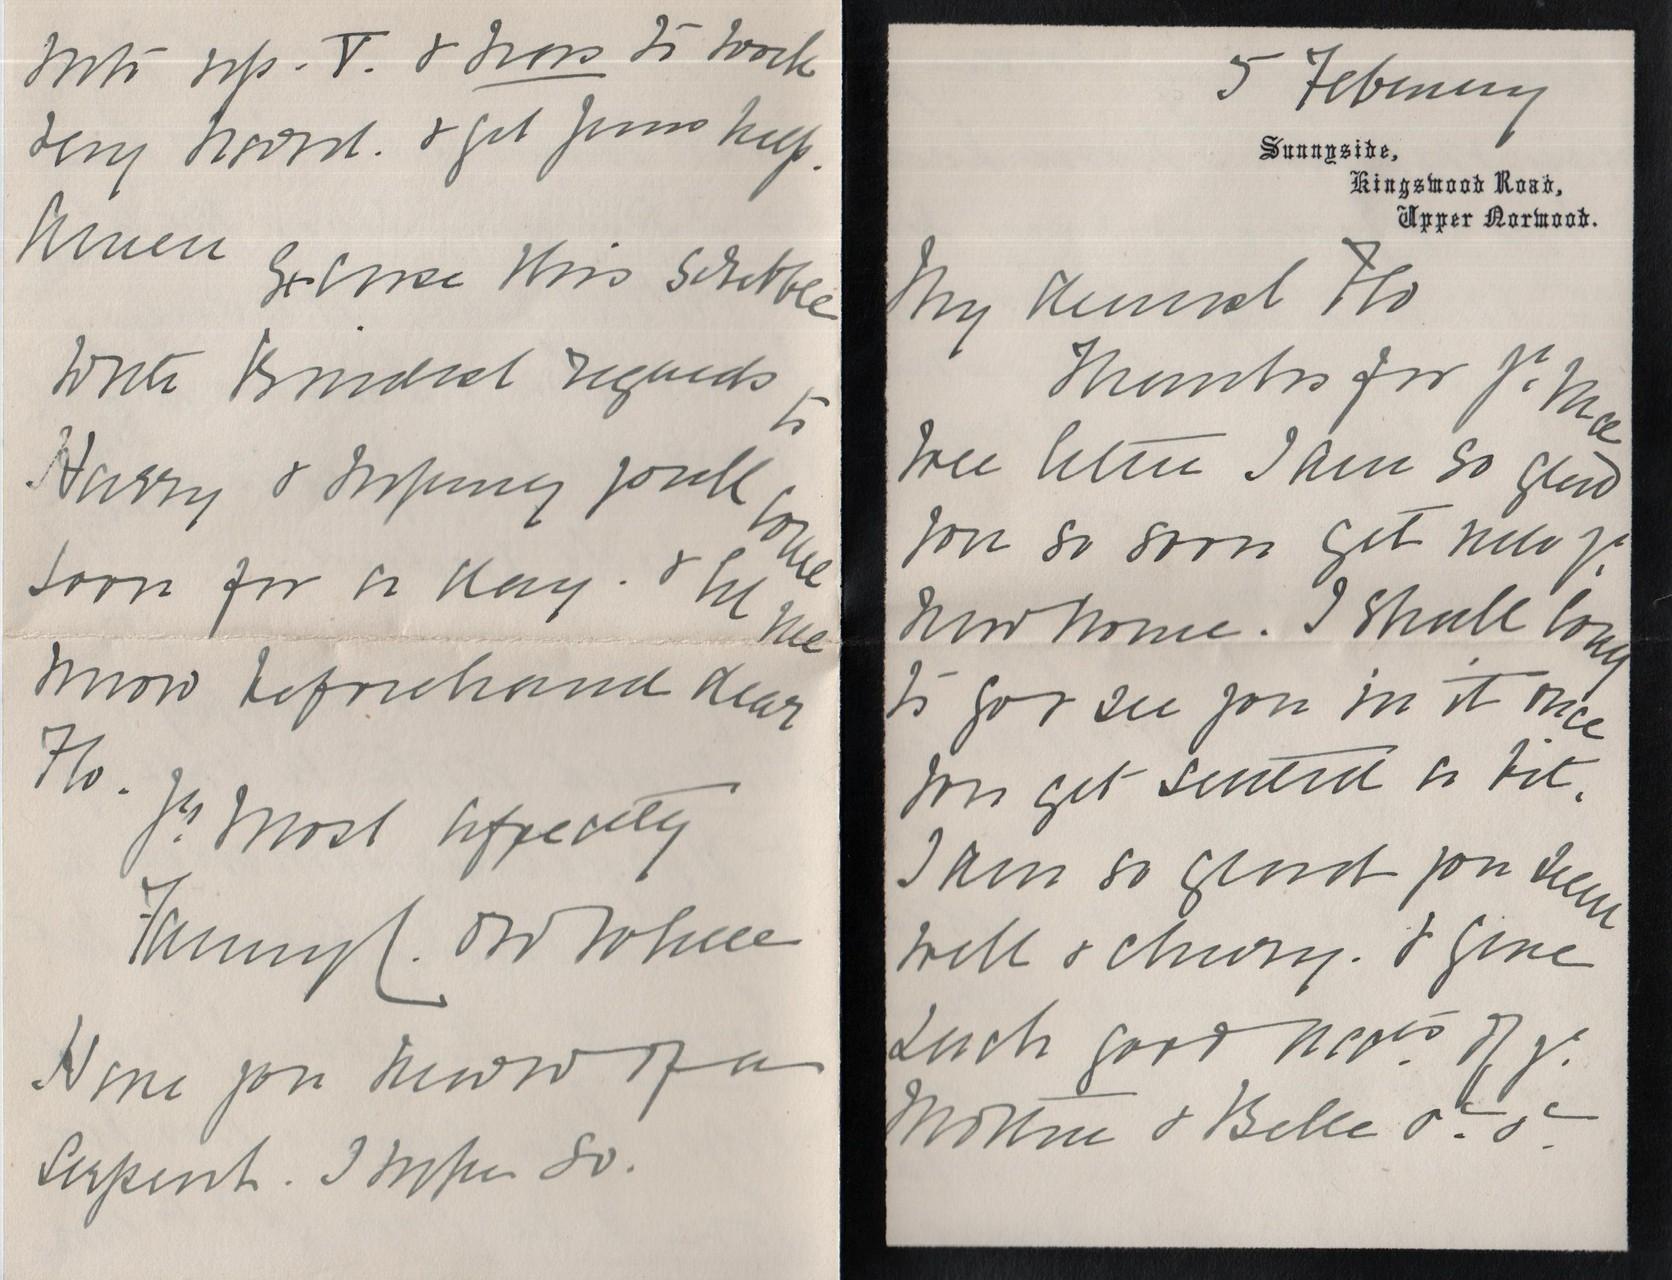 1891 February 5th Fanny to Flo